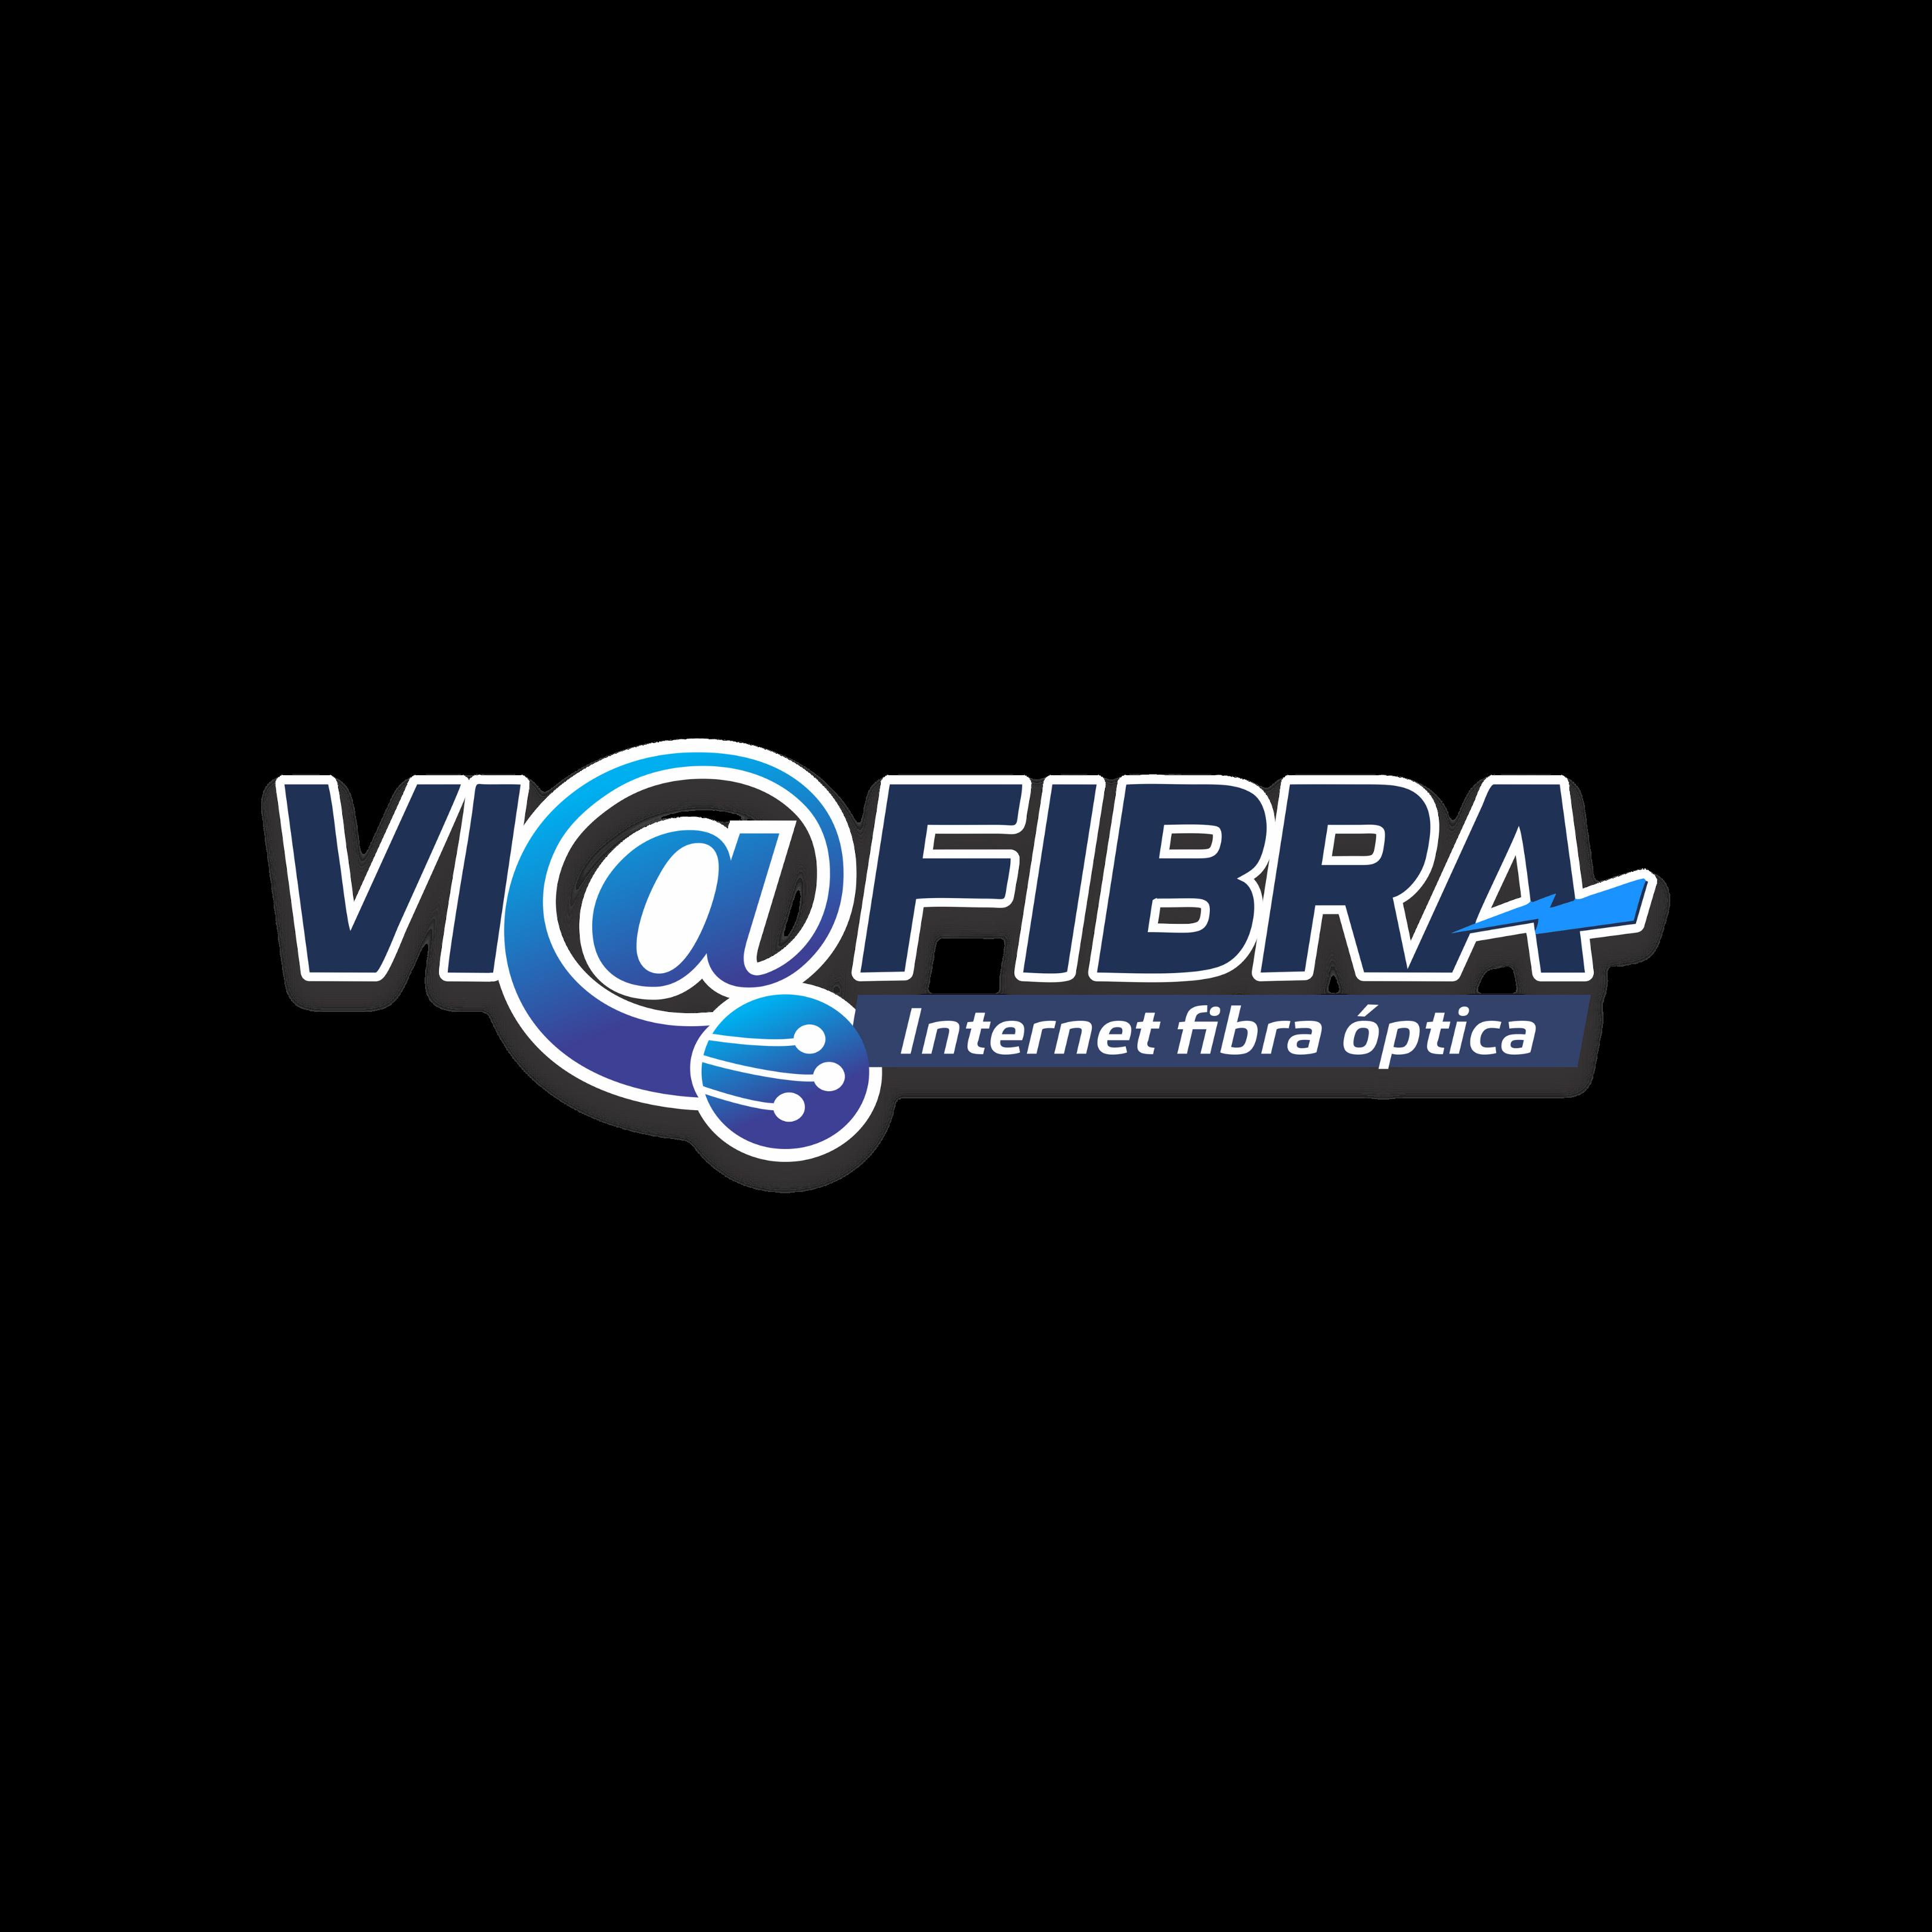 Logo Vi@Fibra